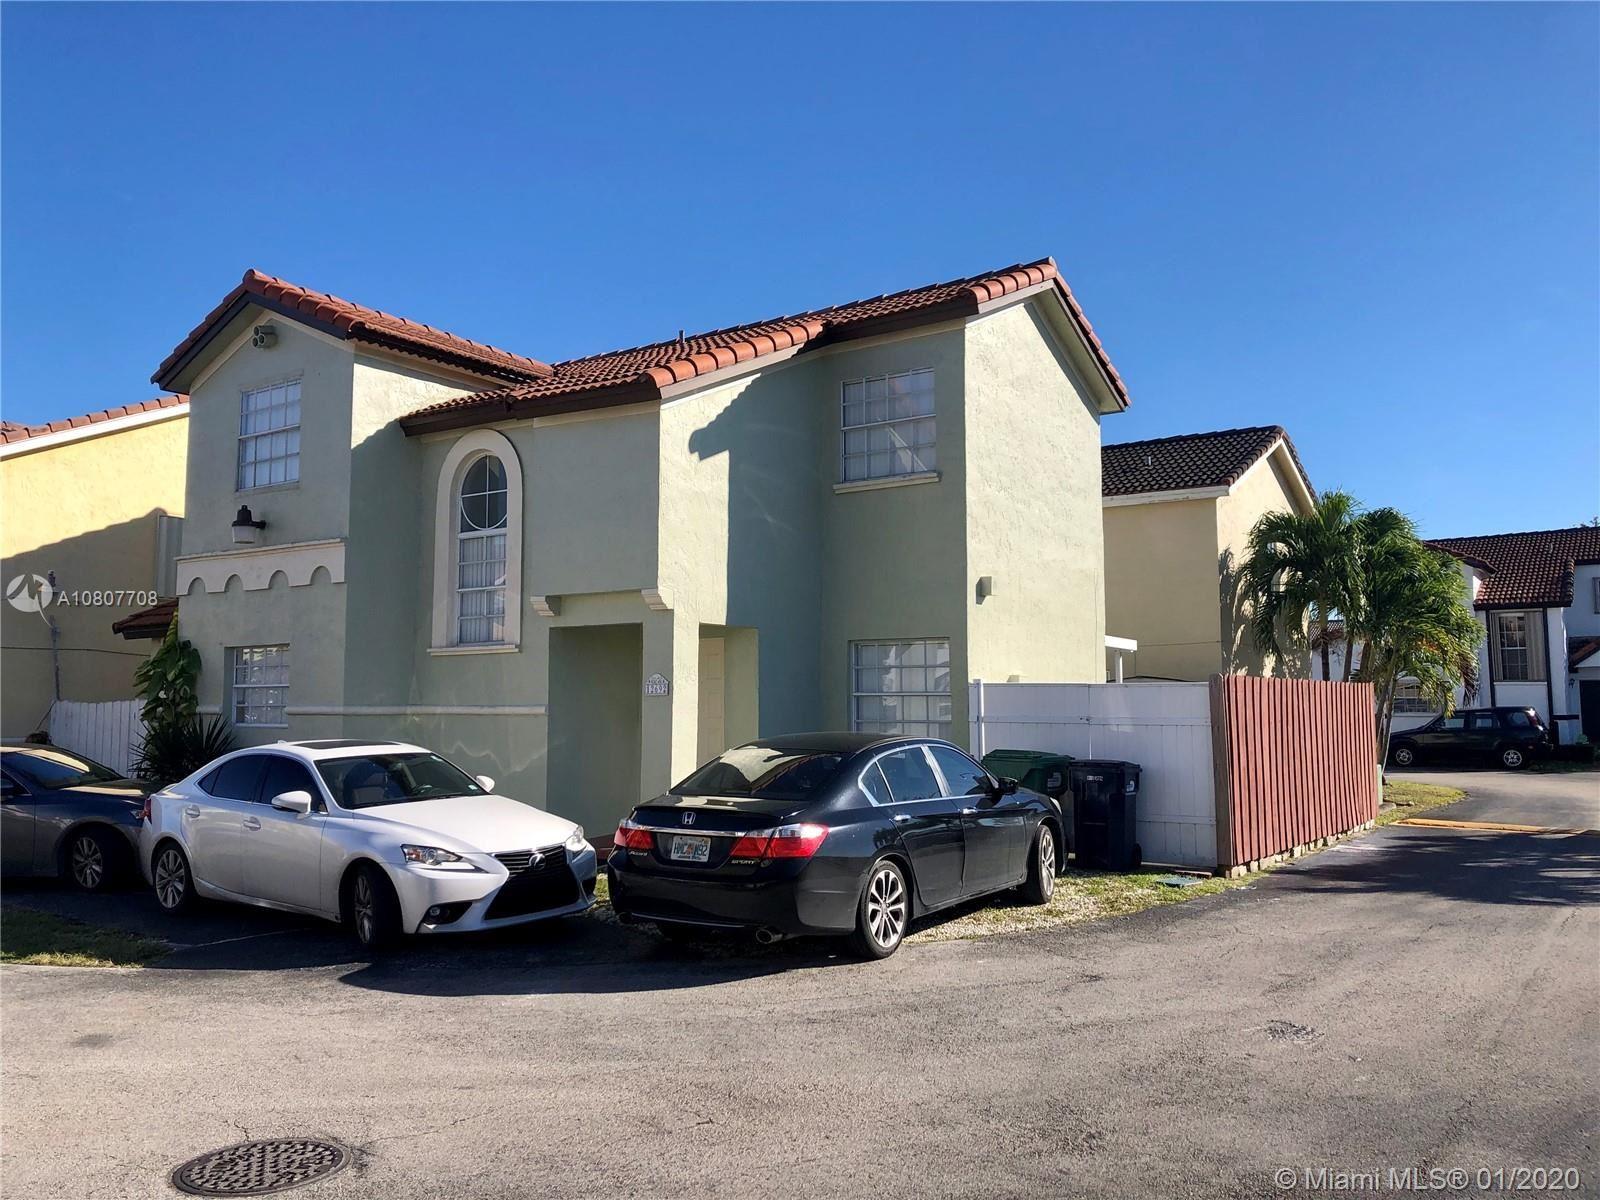 12692 NW 9th Ter, Miami, FL 33182 - #: A10807708